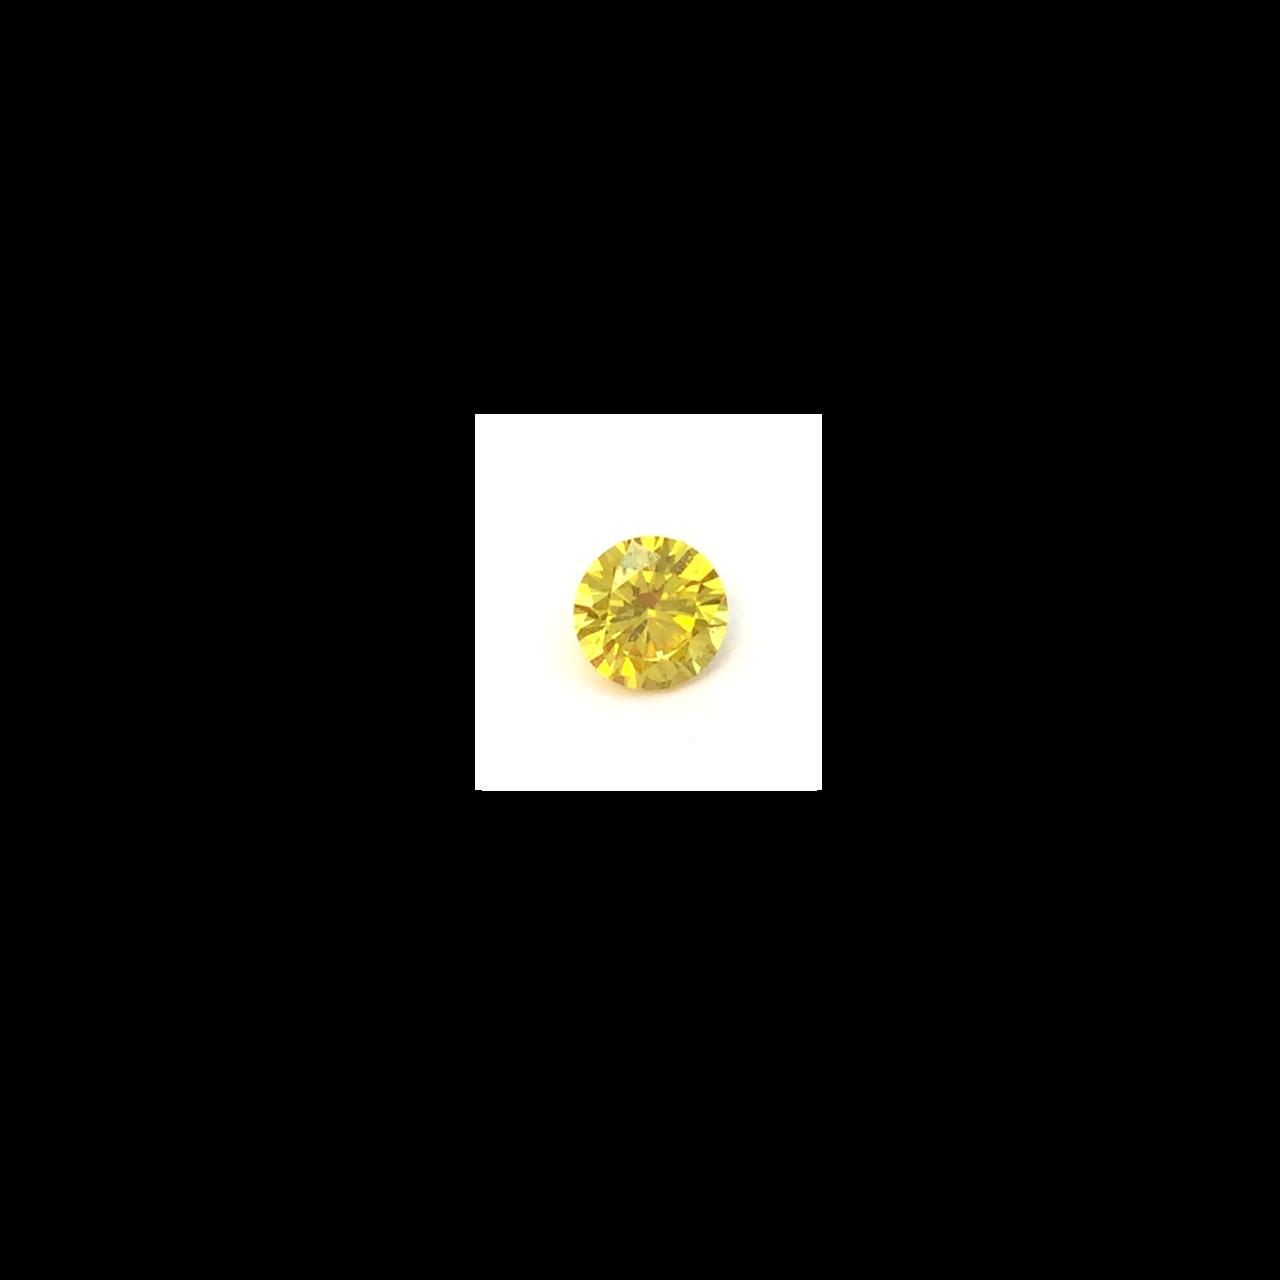 Lab Created Gemstone - Dark Yellow Round